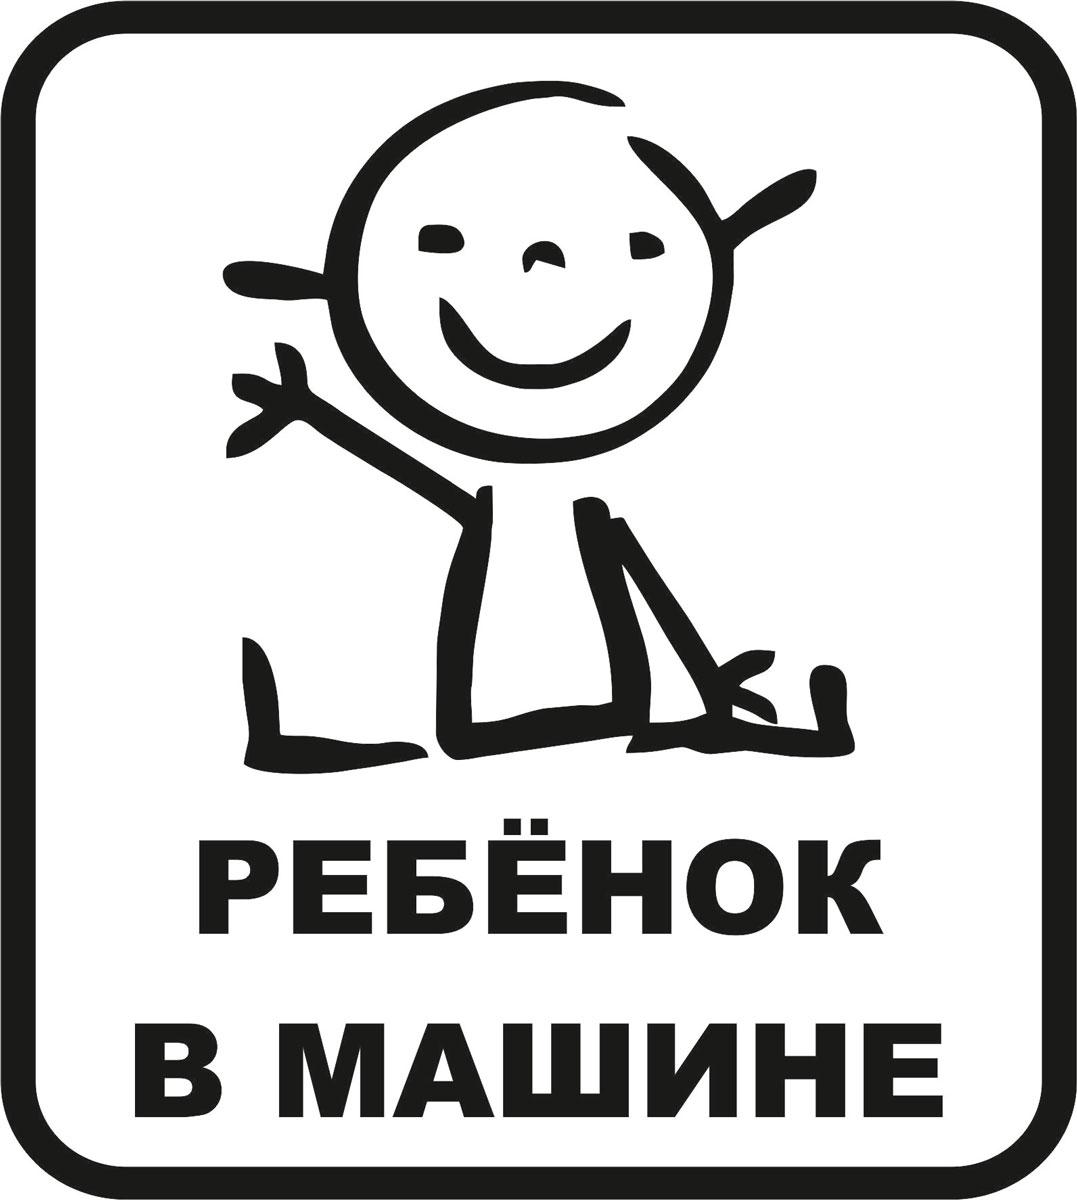 Наклейка автомобильная Оранжевый слоник Ребенок в машине, виниловая, цвет: черный150RM00021BОригинальная наклейка Оранжевый слоник Ребенок в машине изготовлена из высококачественного винила, который выполняет не только декоративную функцию, но и защищает кузов от небольших механических повреждений, либо скрывает уже существующие. Виниловые наклейки на авто - это не только красиво, но еще и быстро! Всего за несколько минут вы можете полностью преобразить свой автомобиль, сделать его ярким, необычным, особенным и неповторимым!